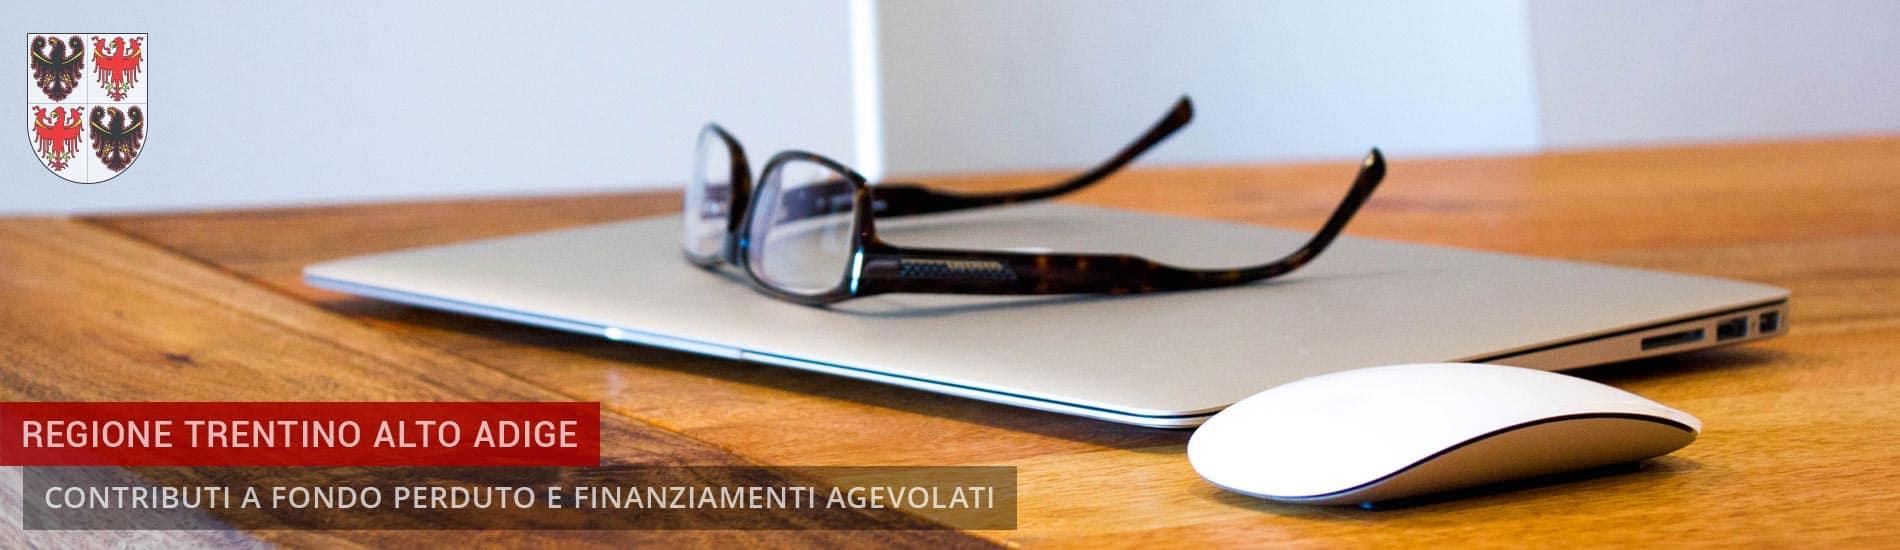 Regione Trentino Alto Adige: Bandi Contributi a fondo perduto e Finanziamenti agevolati